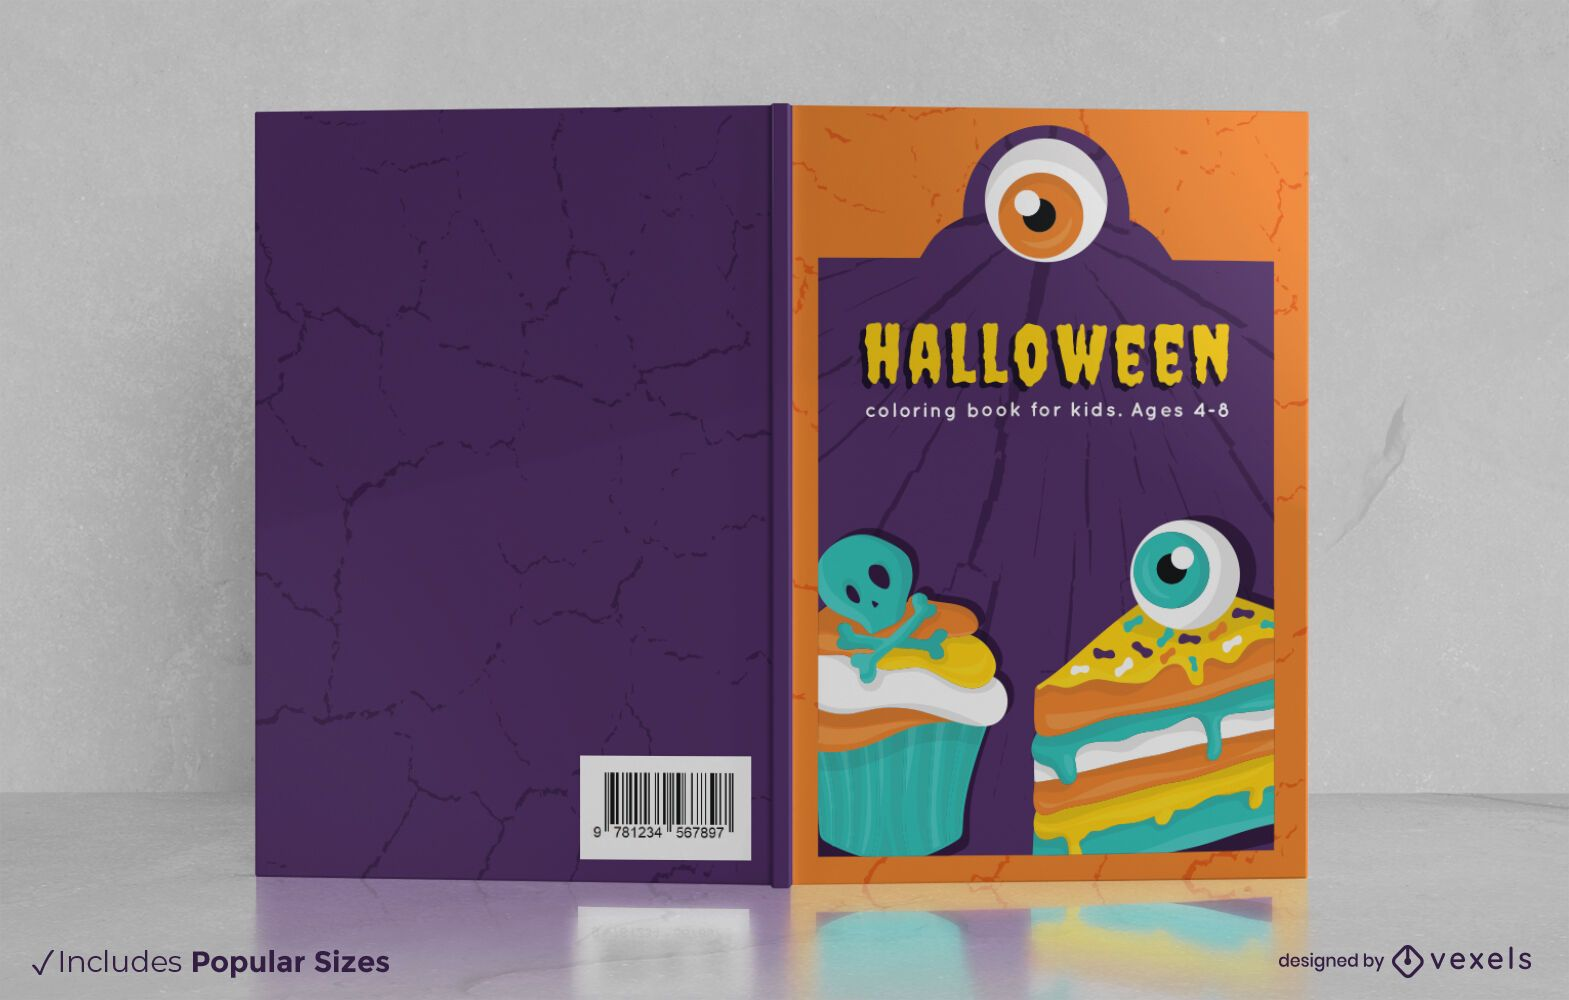 Dise?o de portada de libro de comida de Halloween